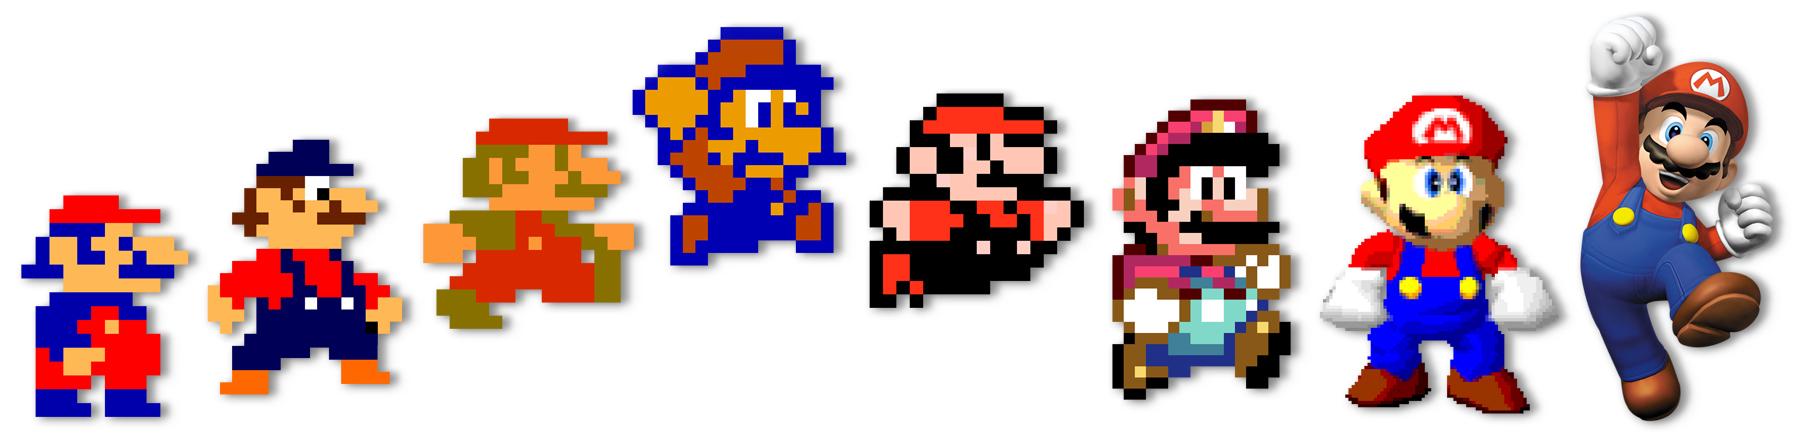 Super Mario Bros compie 29 Anni!